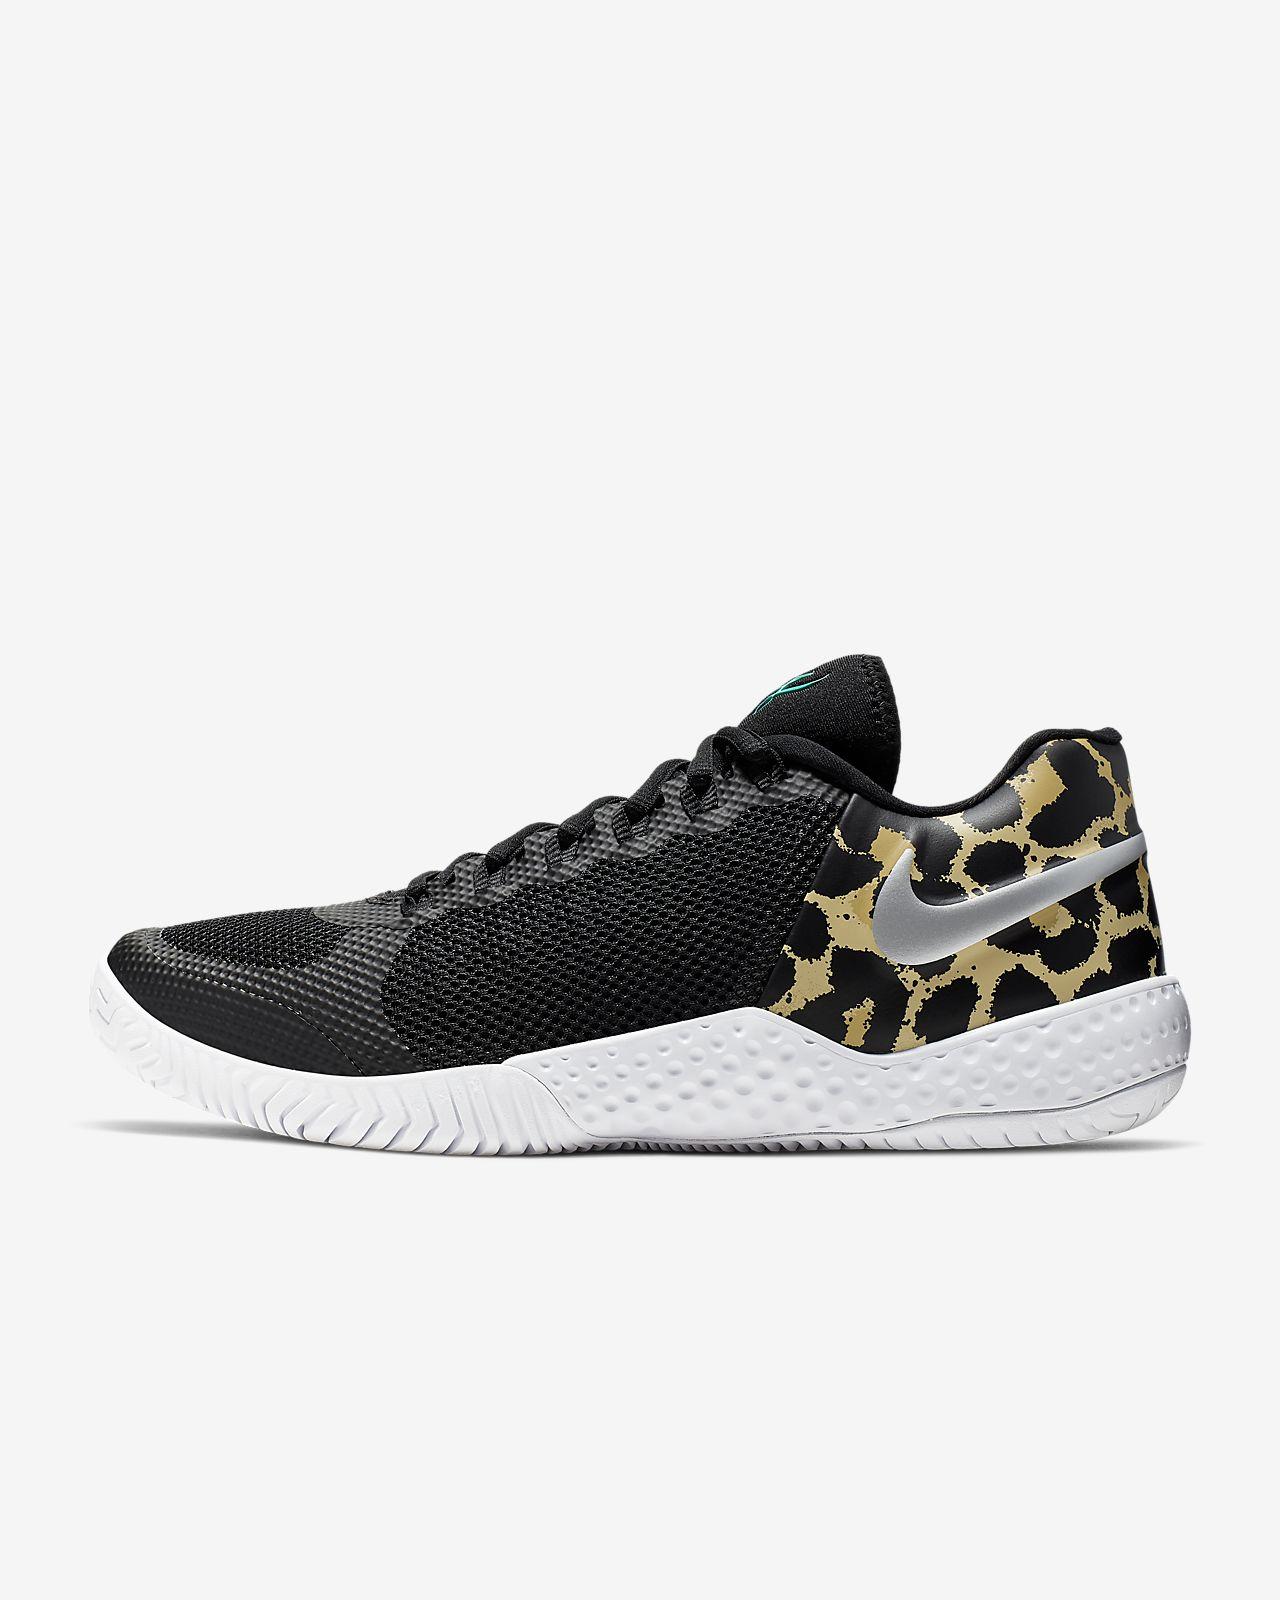 NikeCourt Flare 2 Hardcourt tennisschoen voor dames